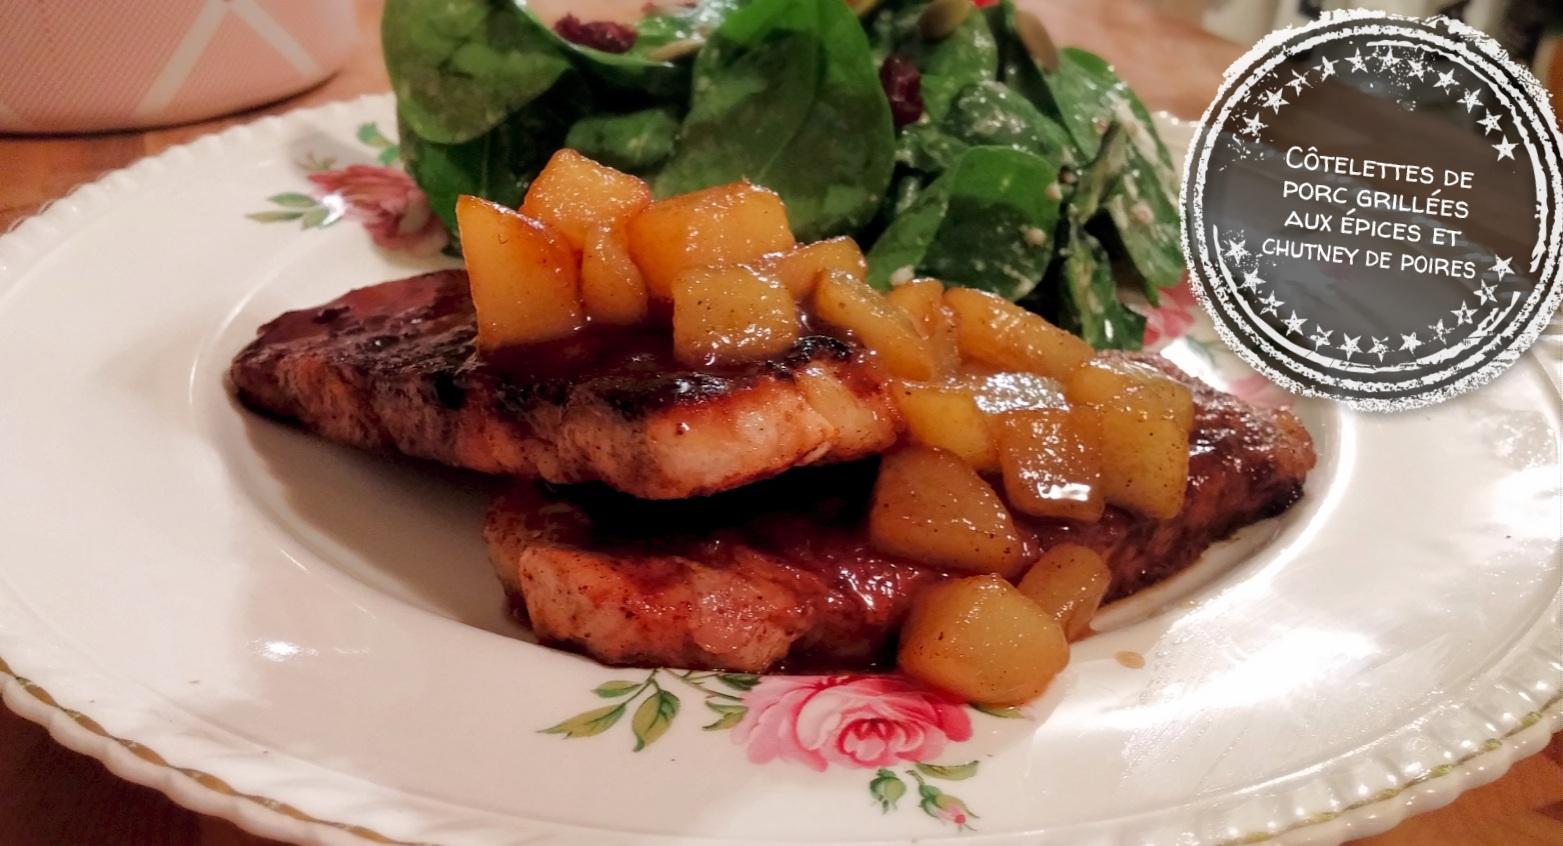 Côtelettes de porc grillées aux épices et chutney de poires - Auboutdelalangue.com